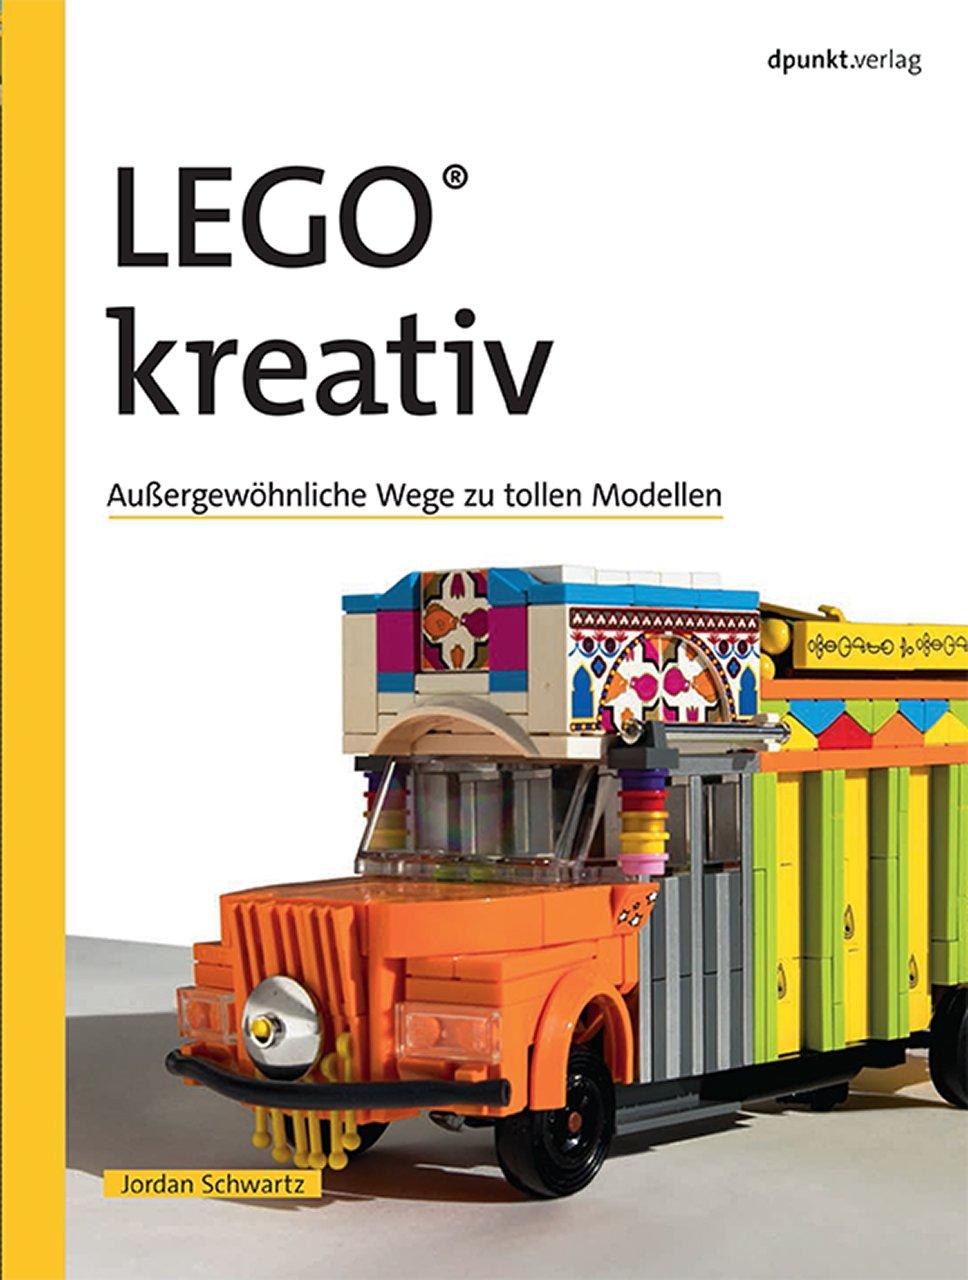 LEGO kreativ: Außergewöhliche Wege zu tollen Modellen